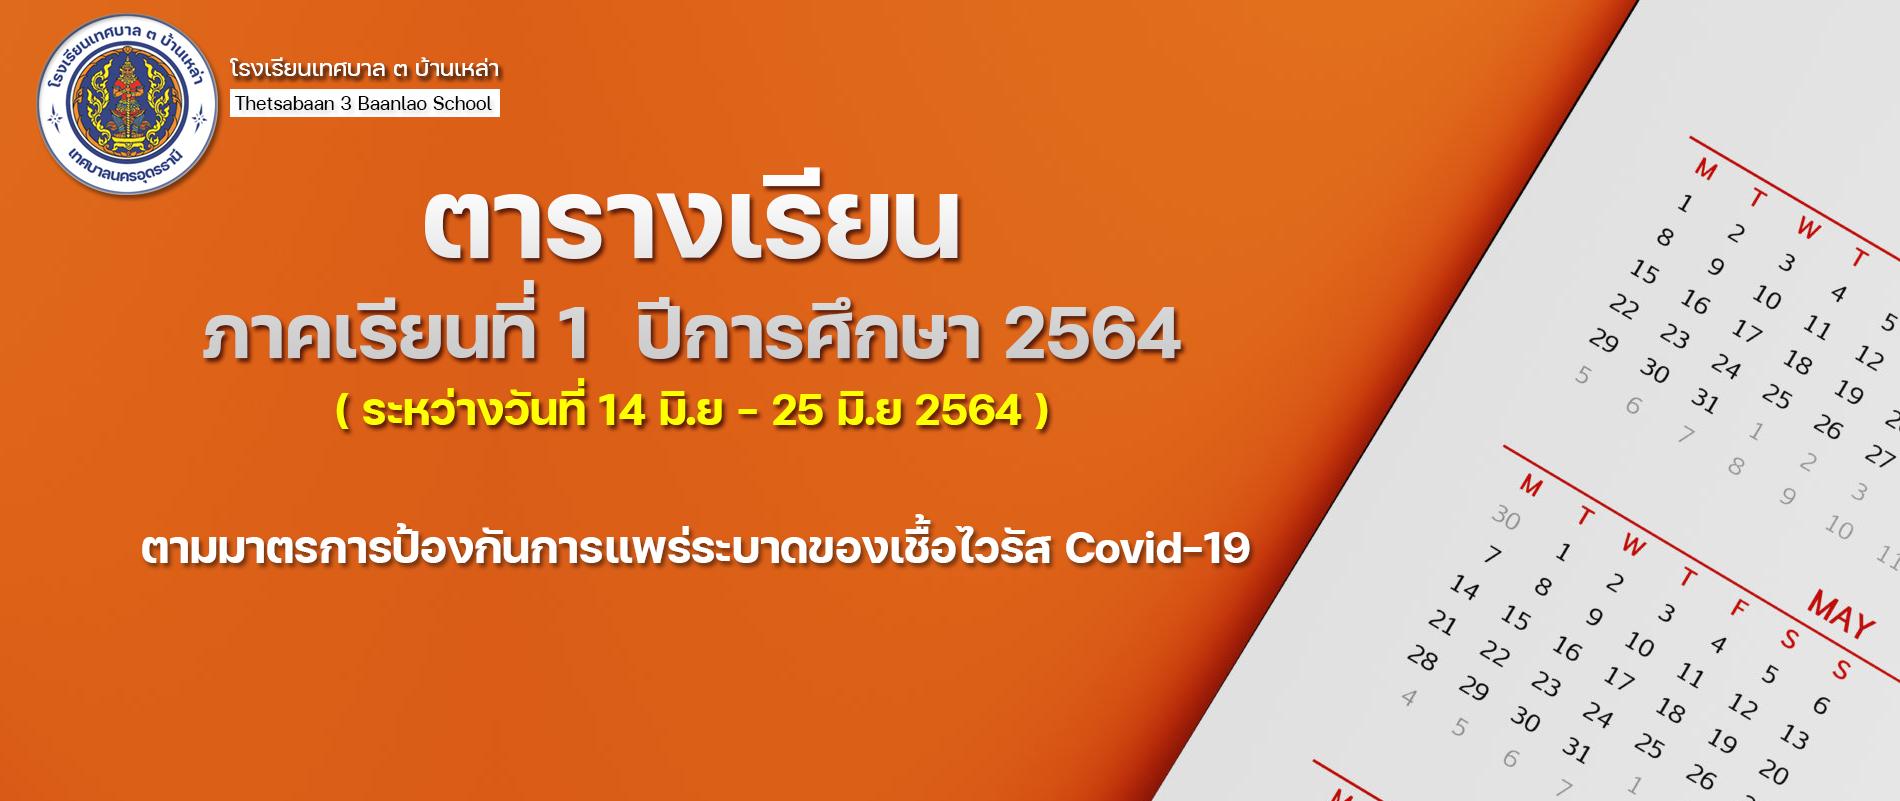 ตารางเรียนภาคเรียนที่ 1  ปีการศึกษา 2564